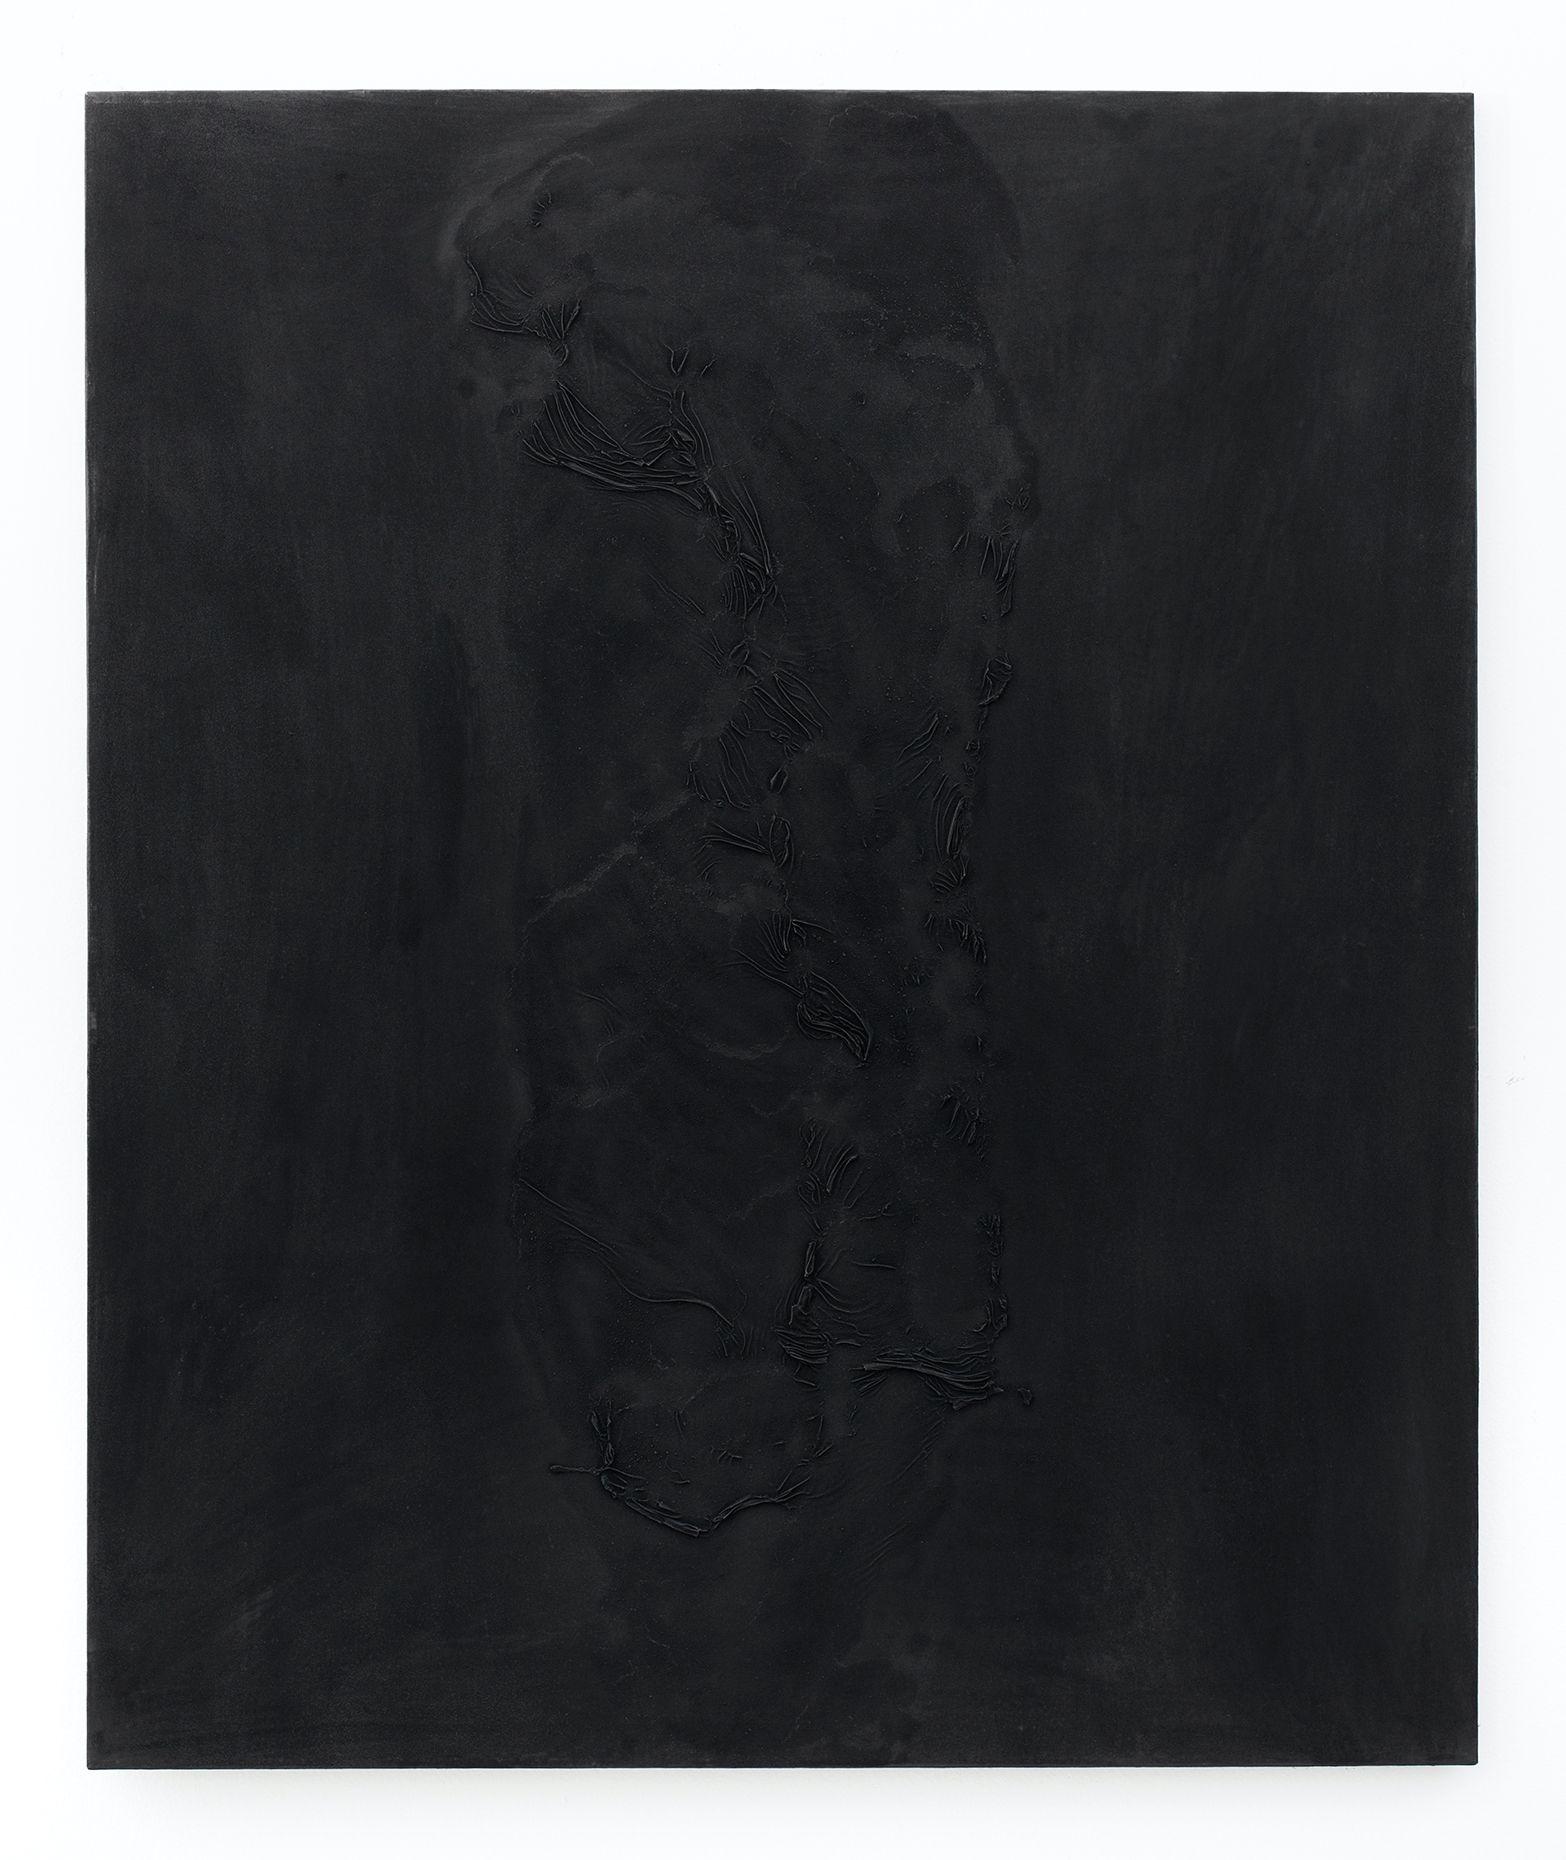 Beatriz Zamora (1935) El negro 2597 2002 Tecnica mixta sobre tela   Mixed media on canvas 120 x 100cm  (47.24 x 39.37inches)